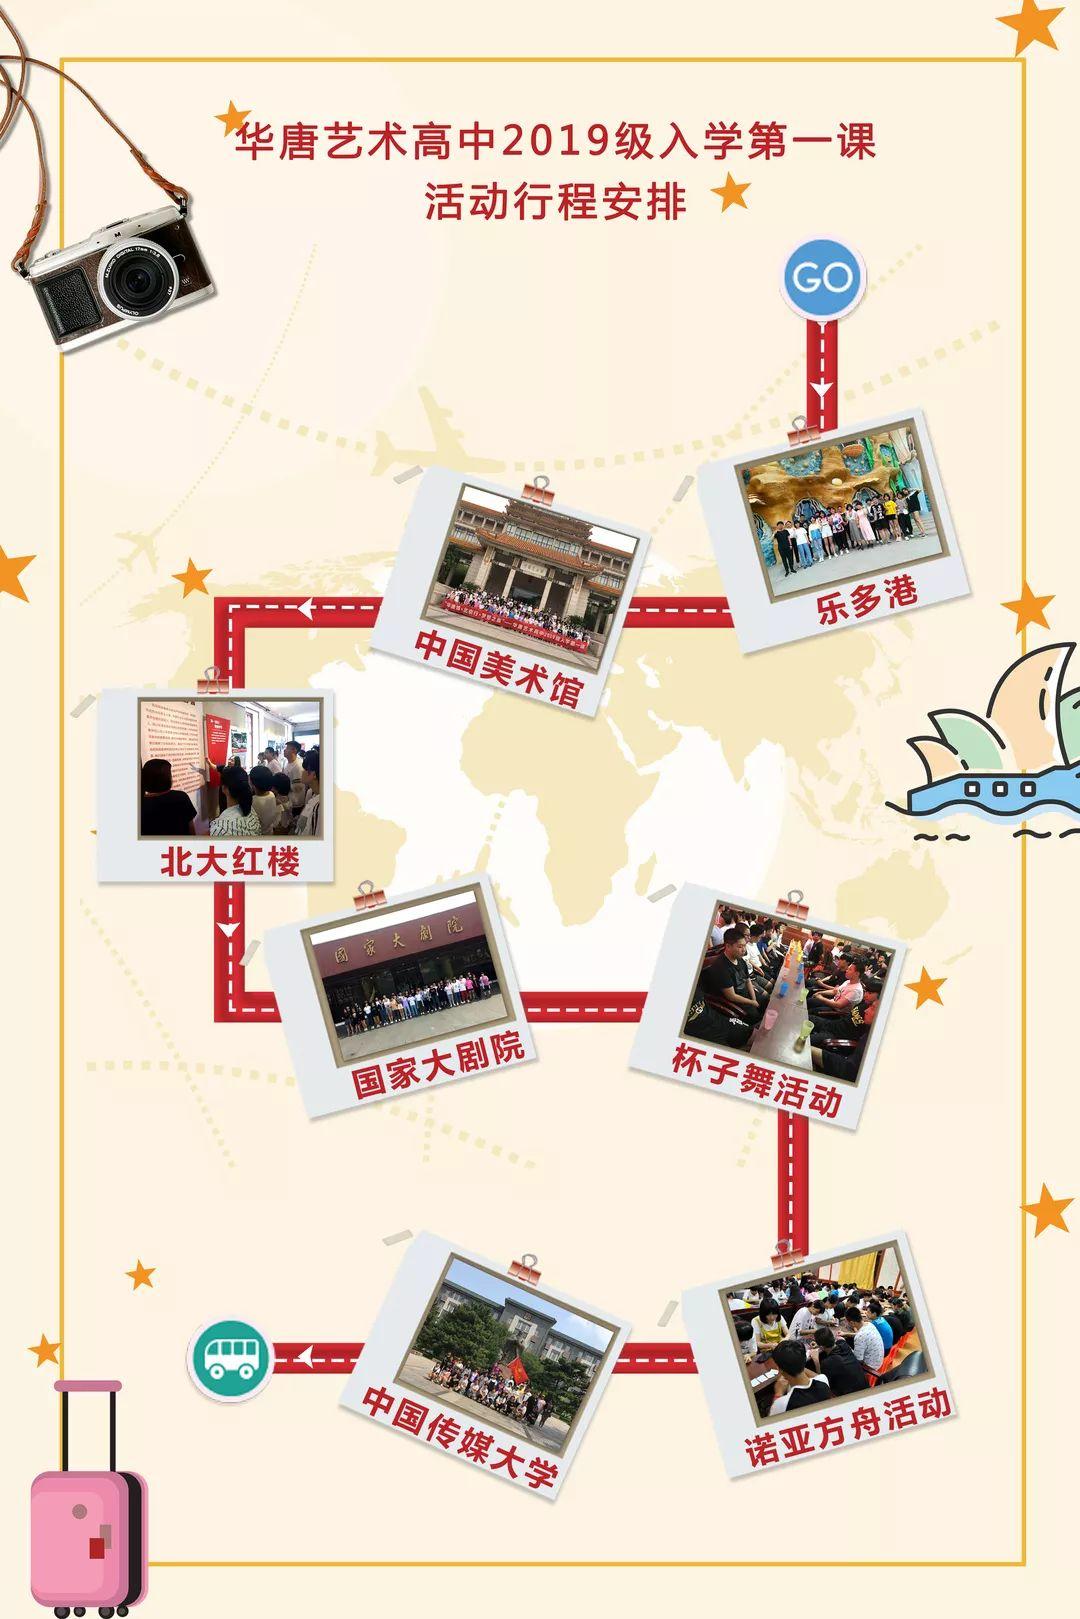 華唐藝術高中2019級入學第一課活動行程安排